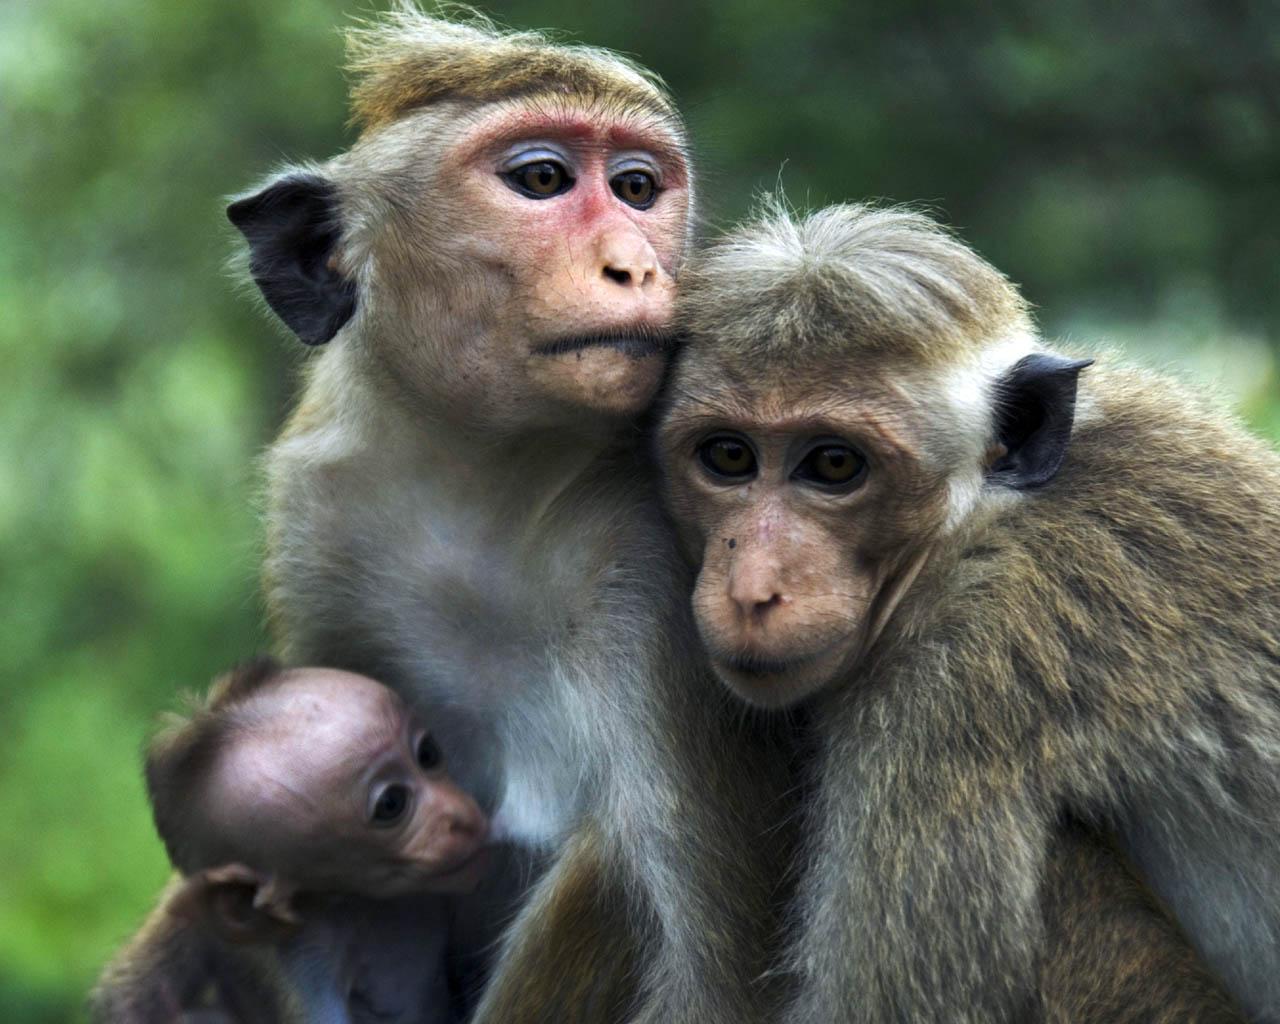 Monkeys and Language